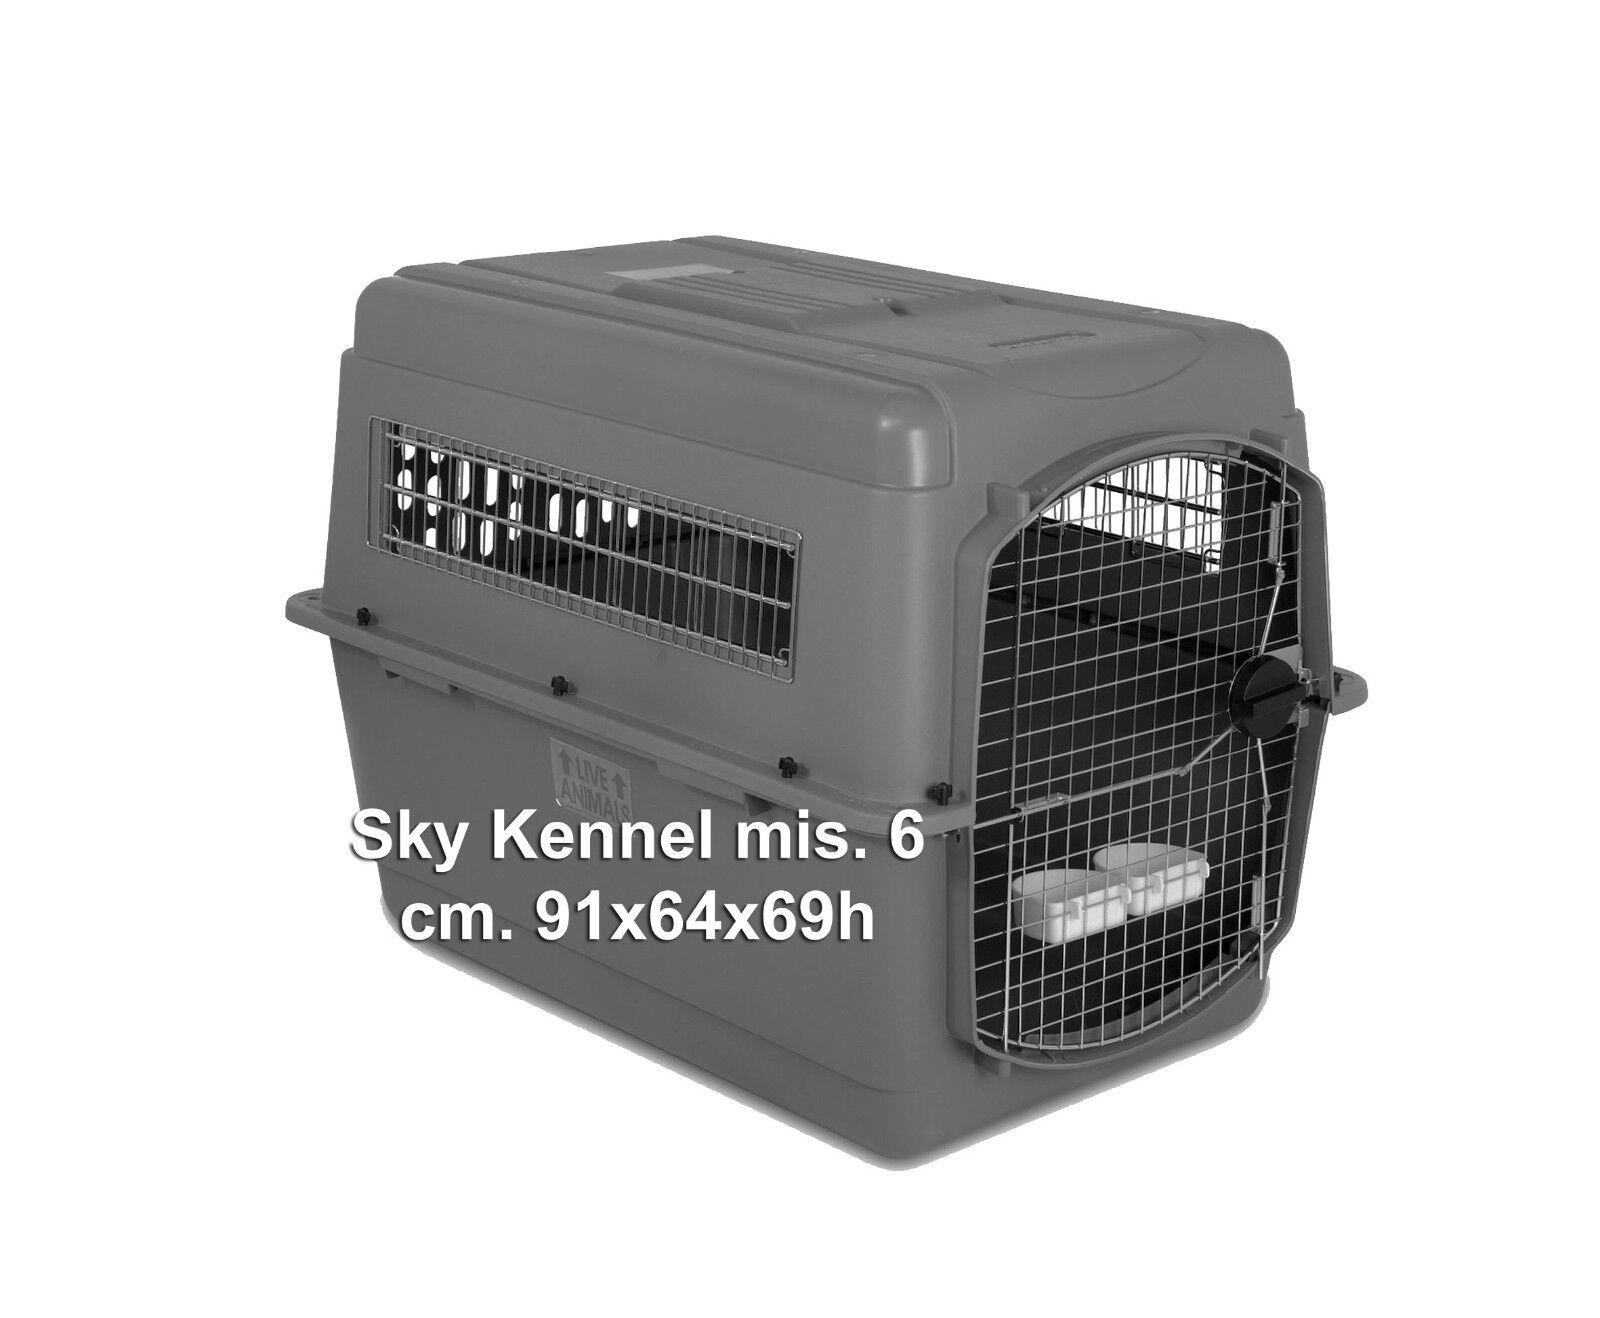 Trasportino aereo per cani Petmate Sky Kennel misura 6. Omologato per Alitalia